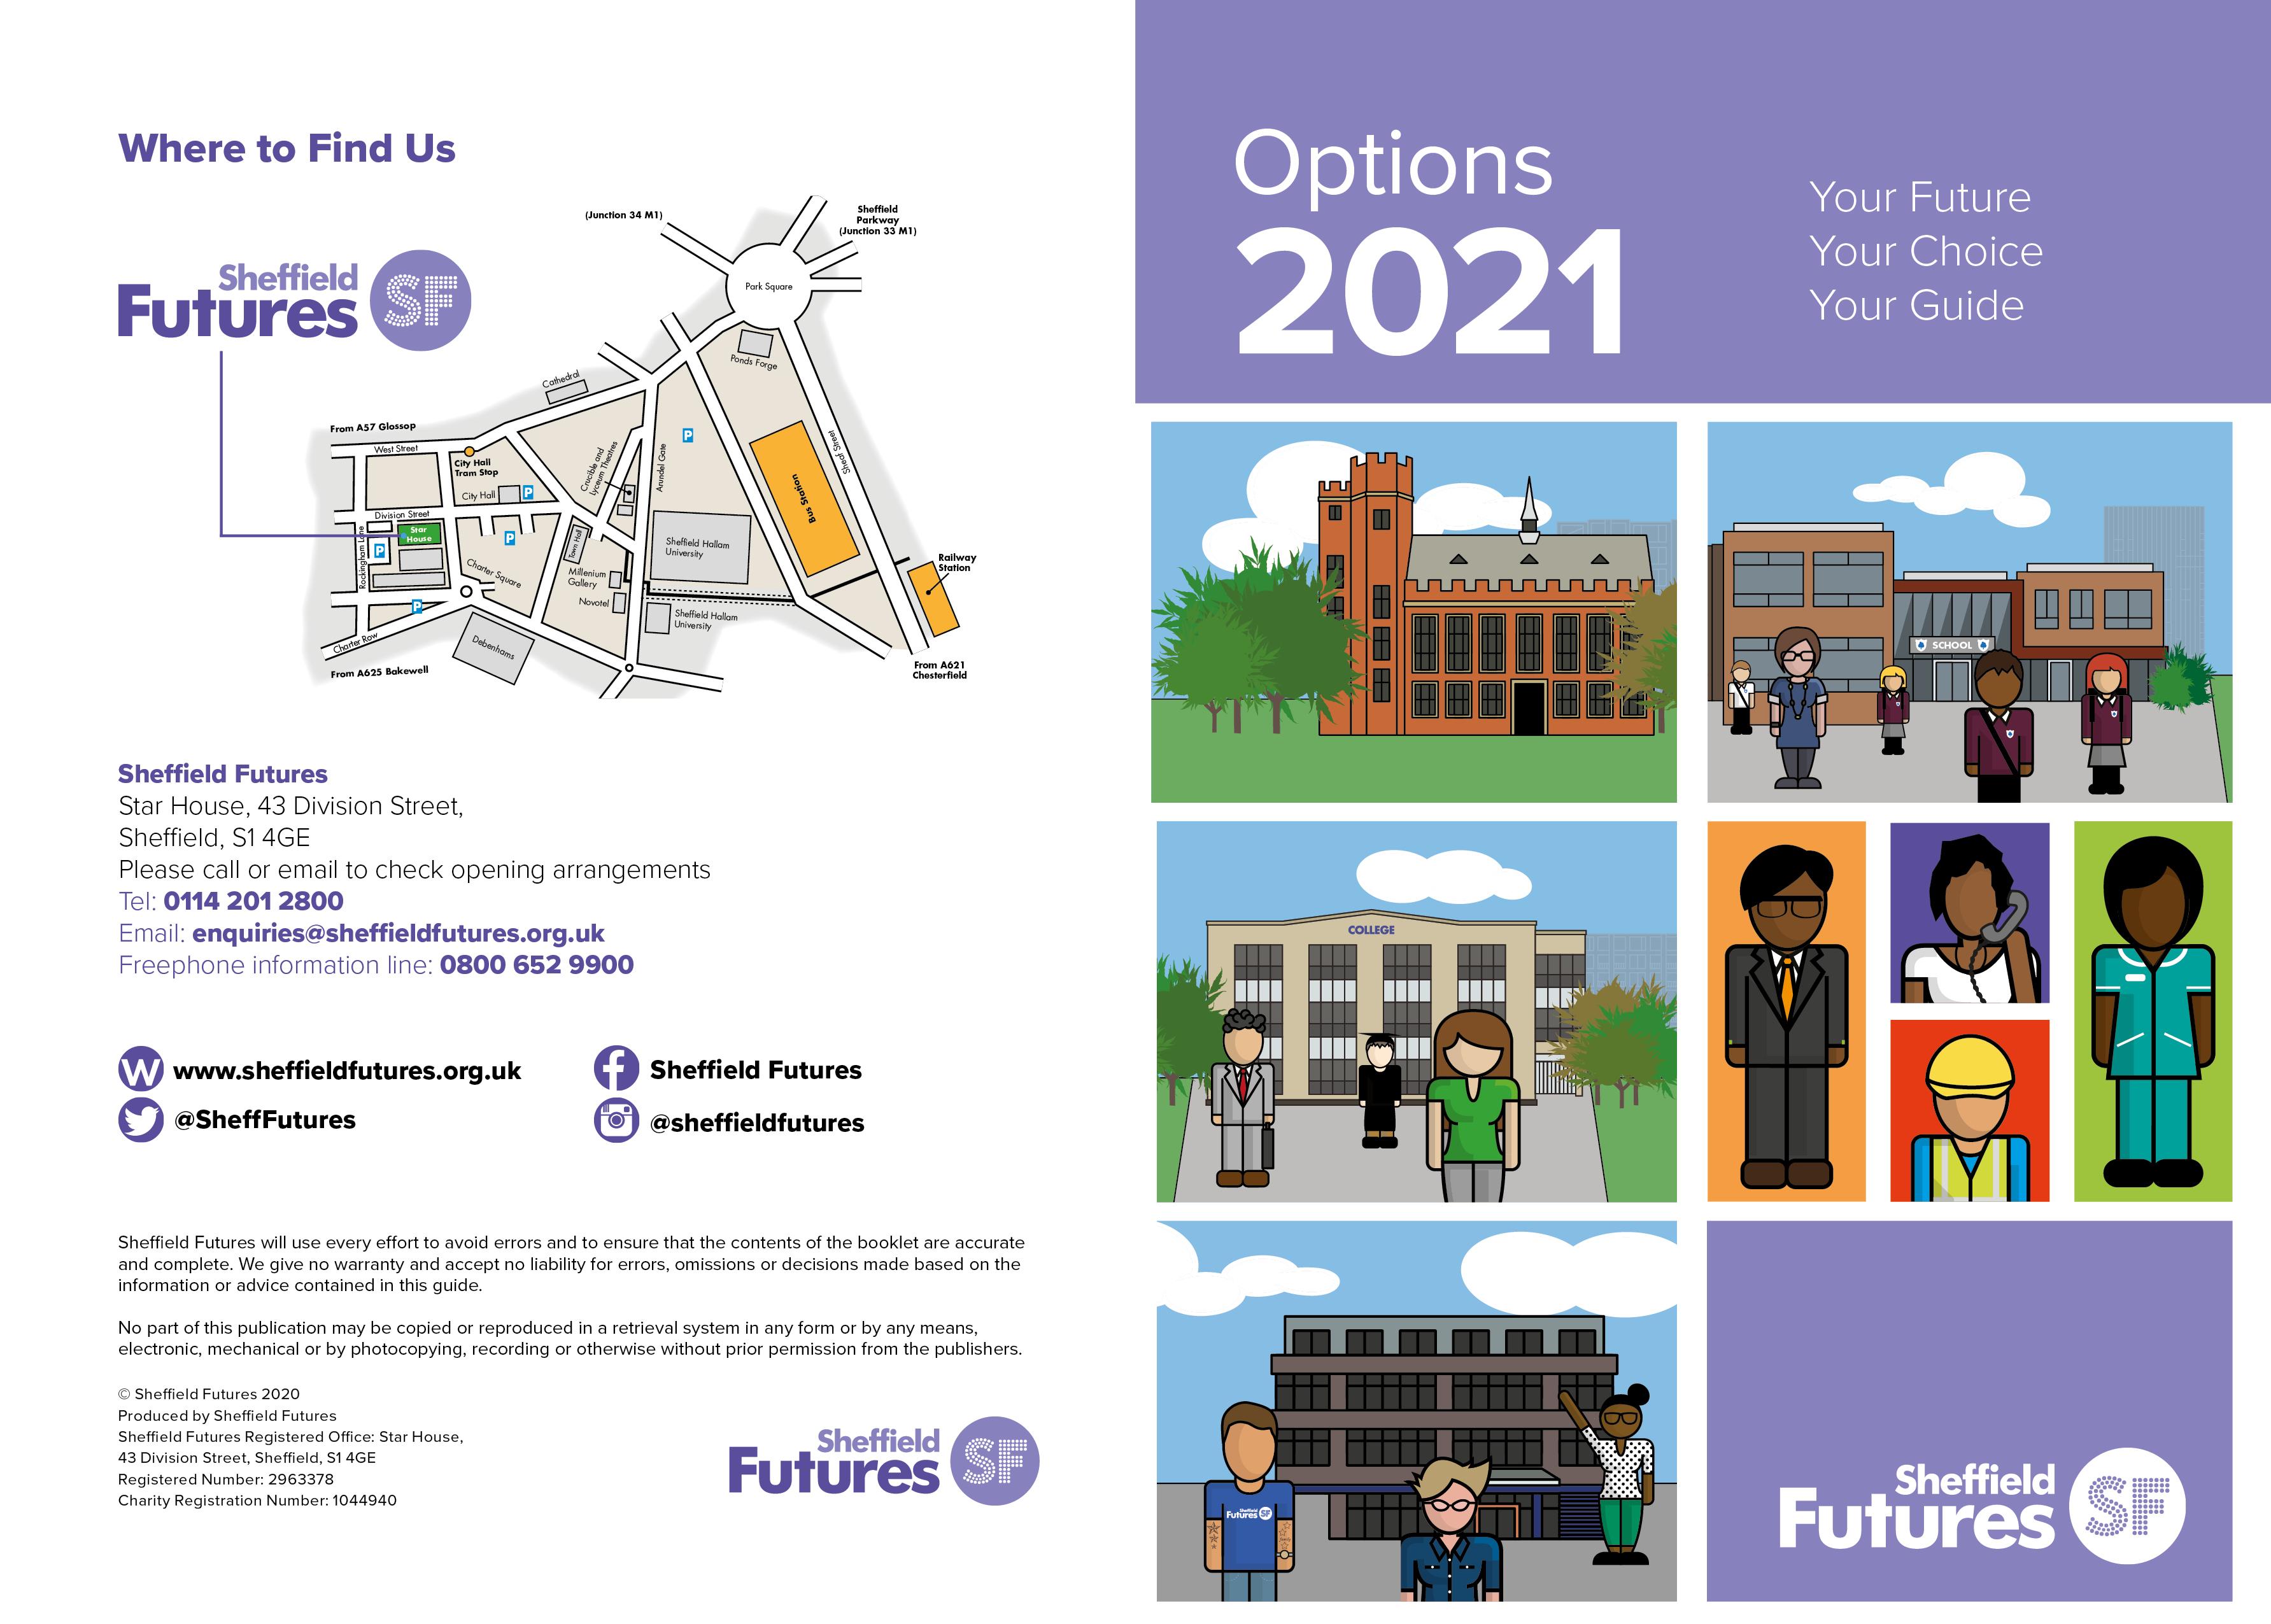 OPTIONS-2021-Jacks-edited-version